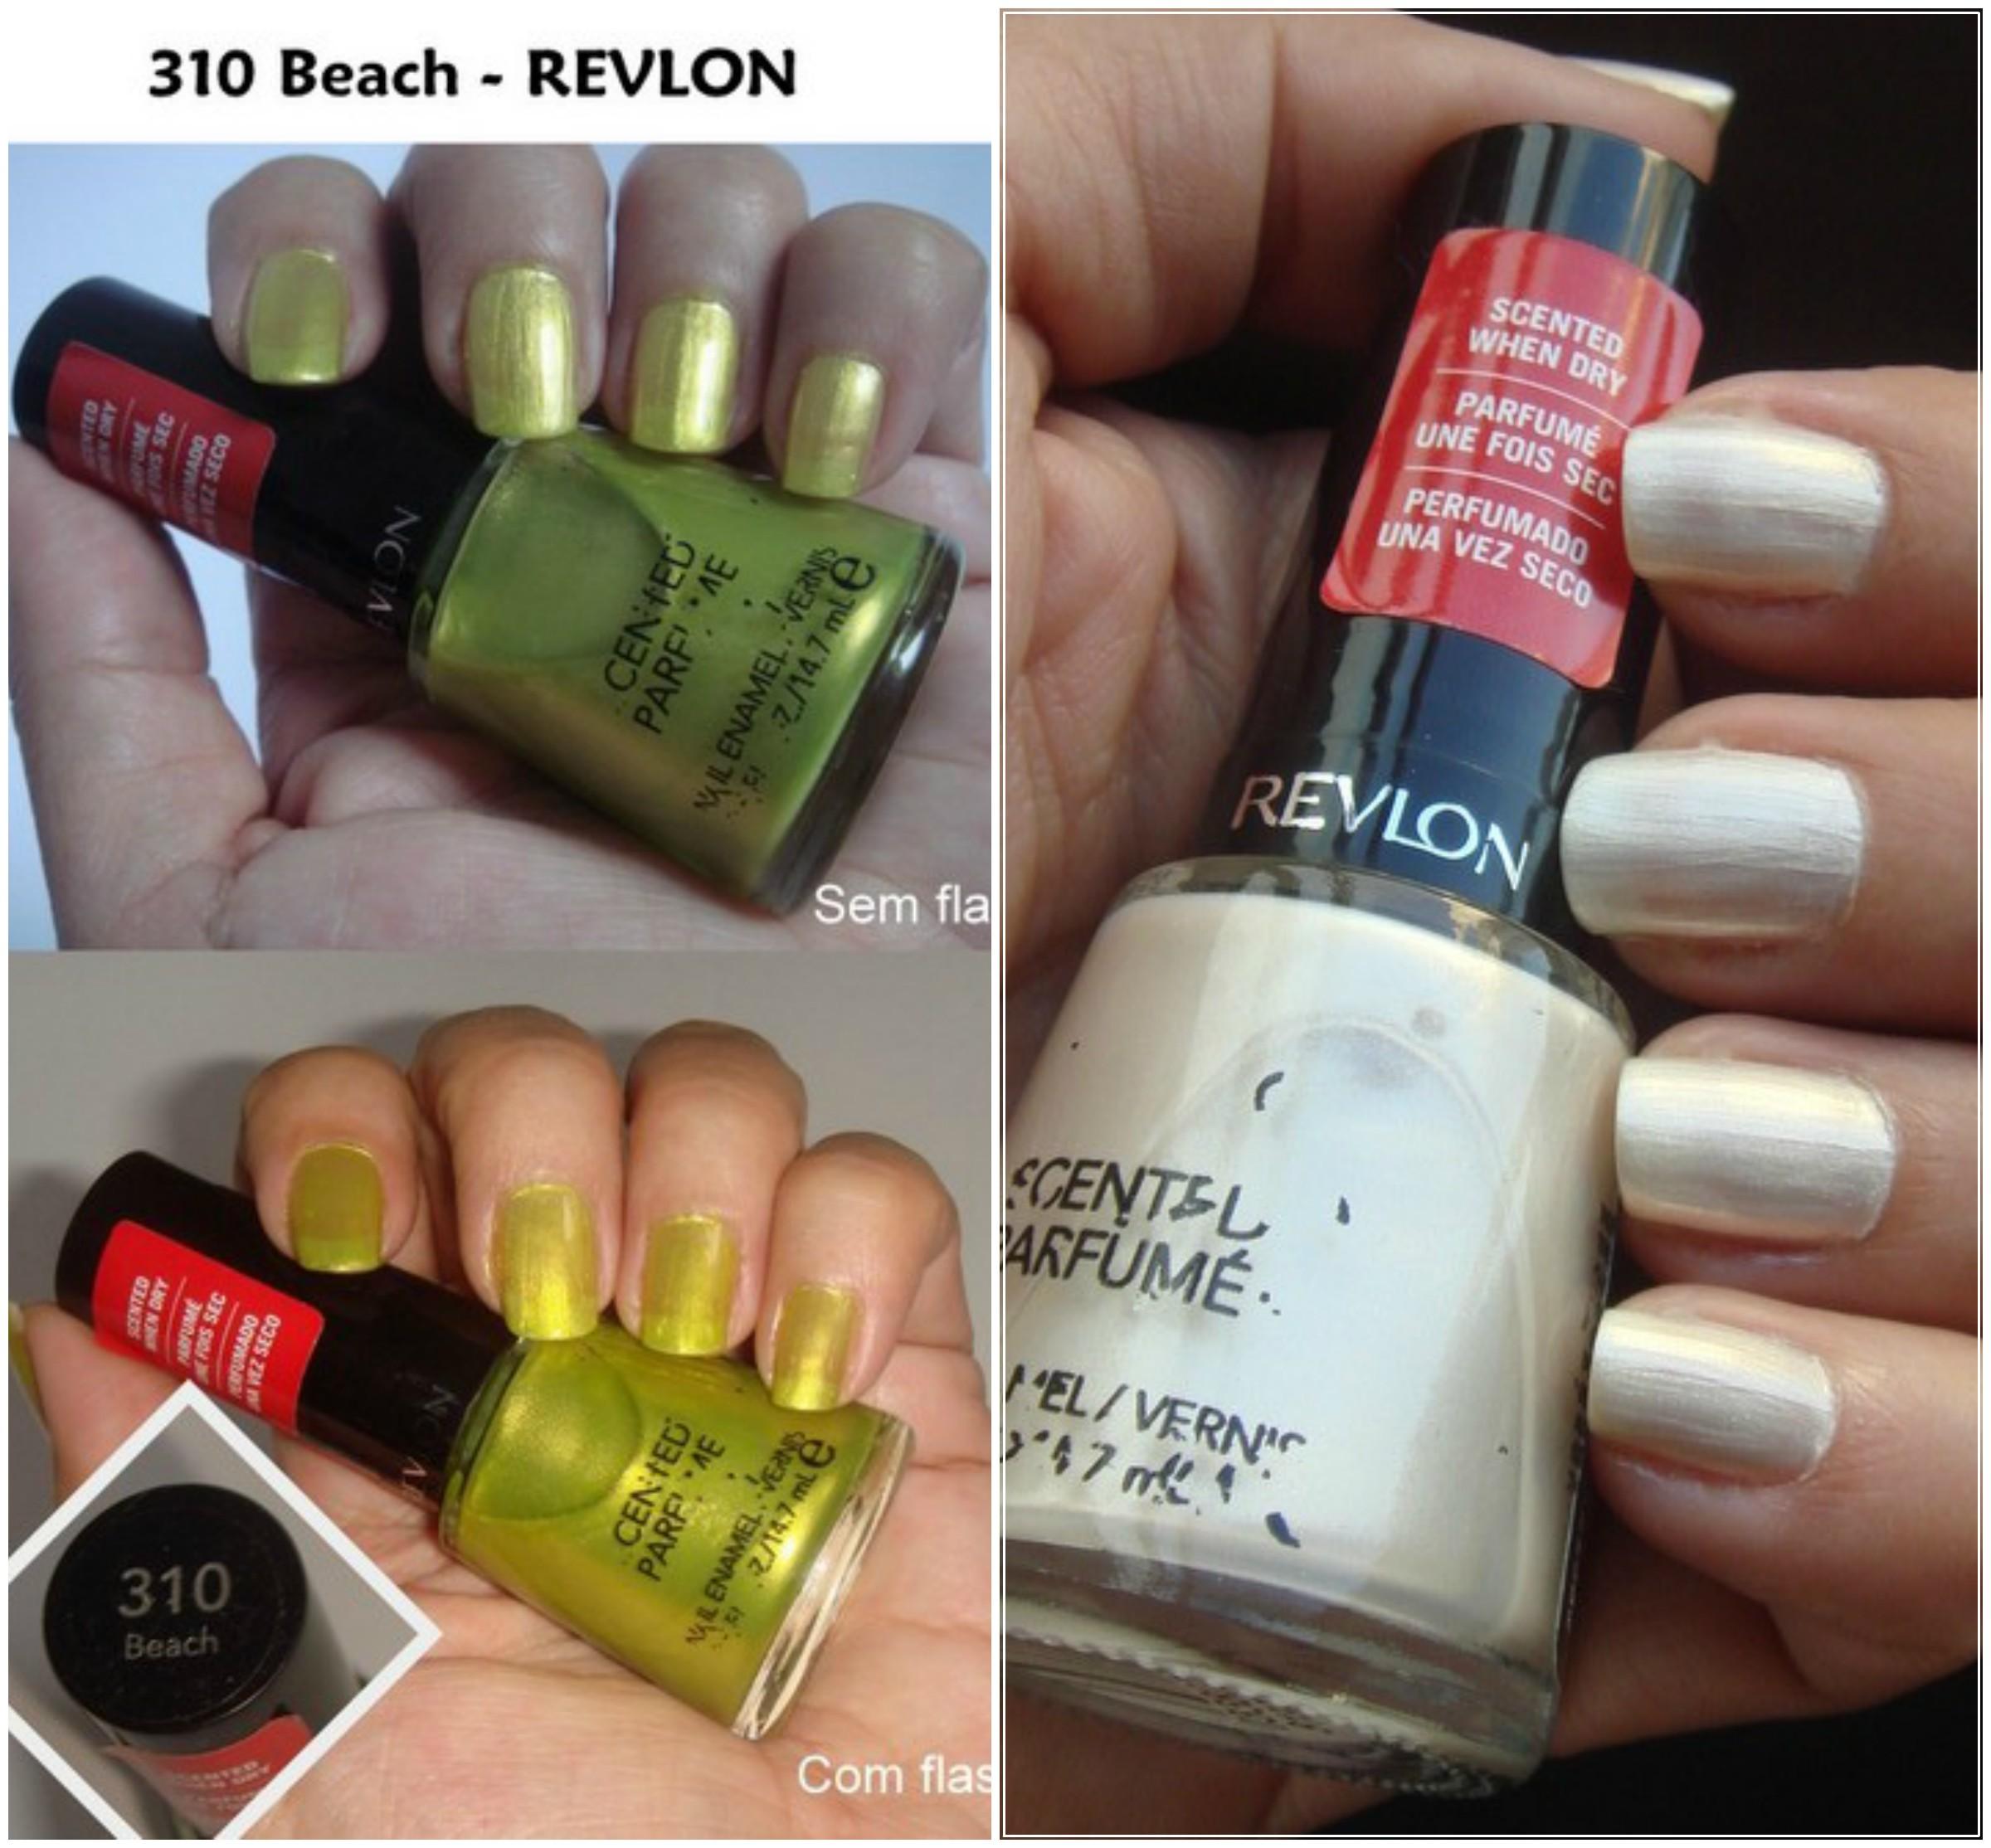 Revlon Scentede - Beach - Coconut Crush